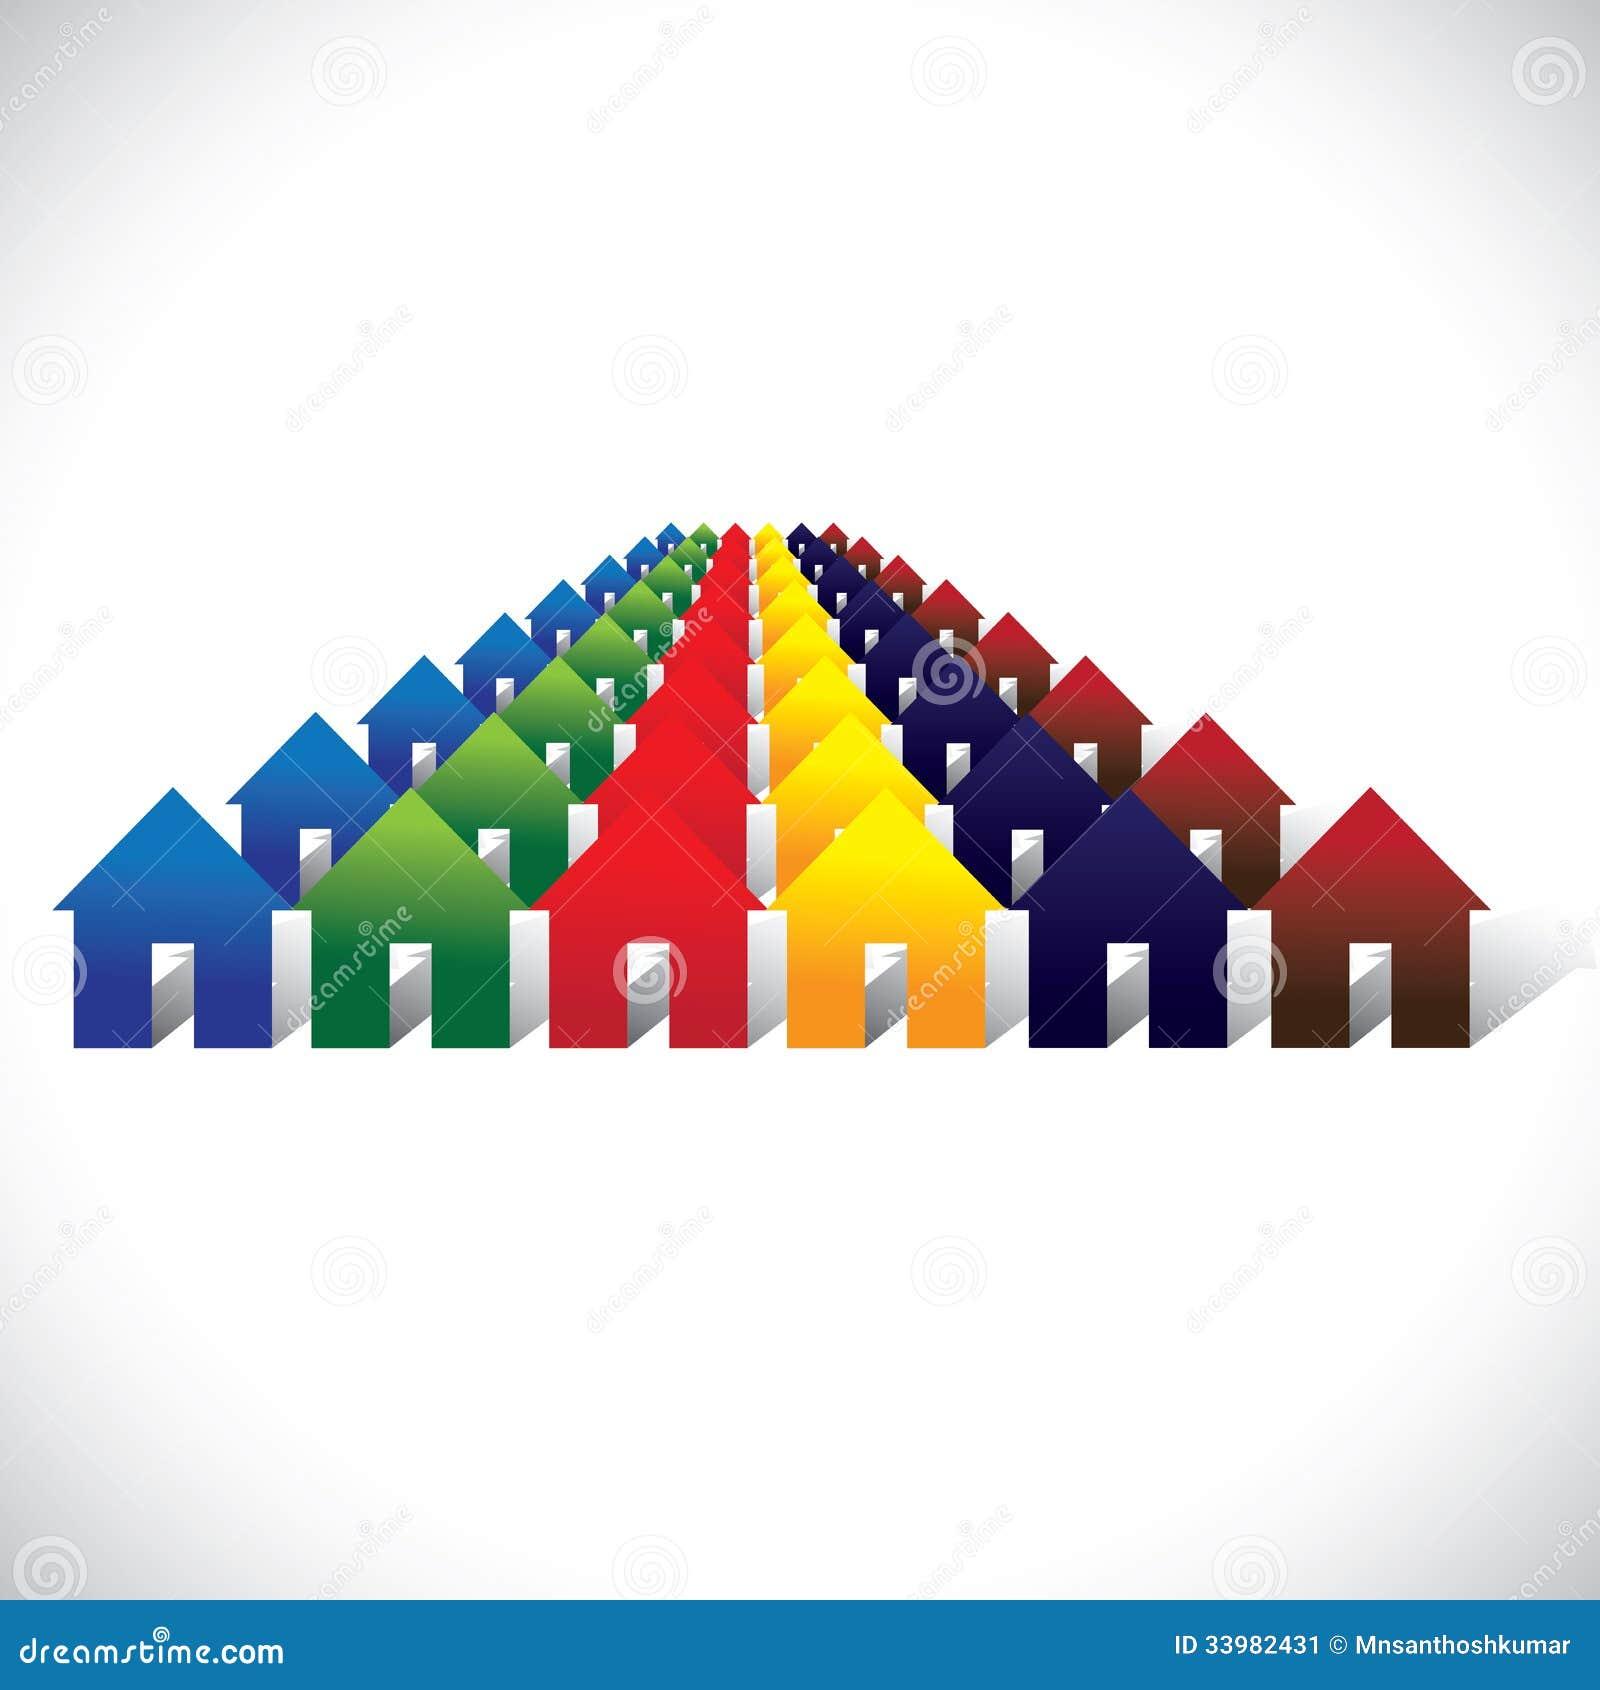 Vida da comunidade do vetor do conceito - casas ou casas coloridas